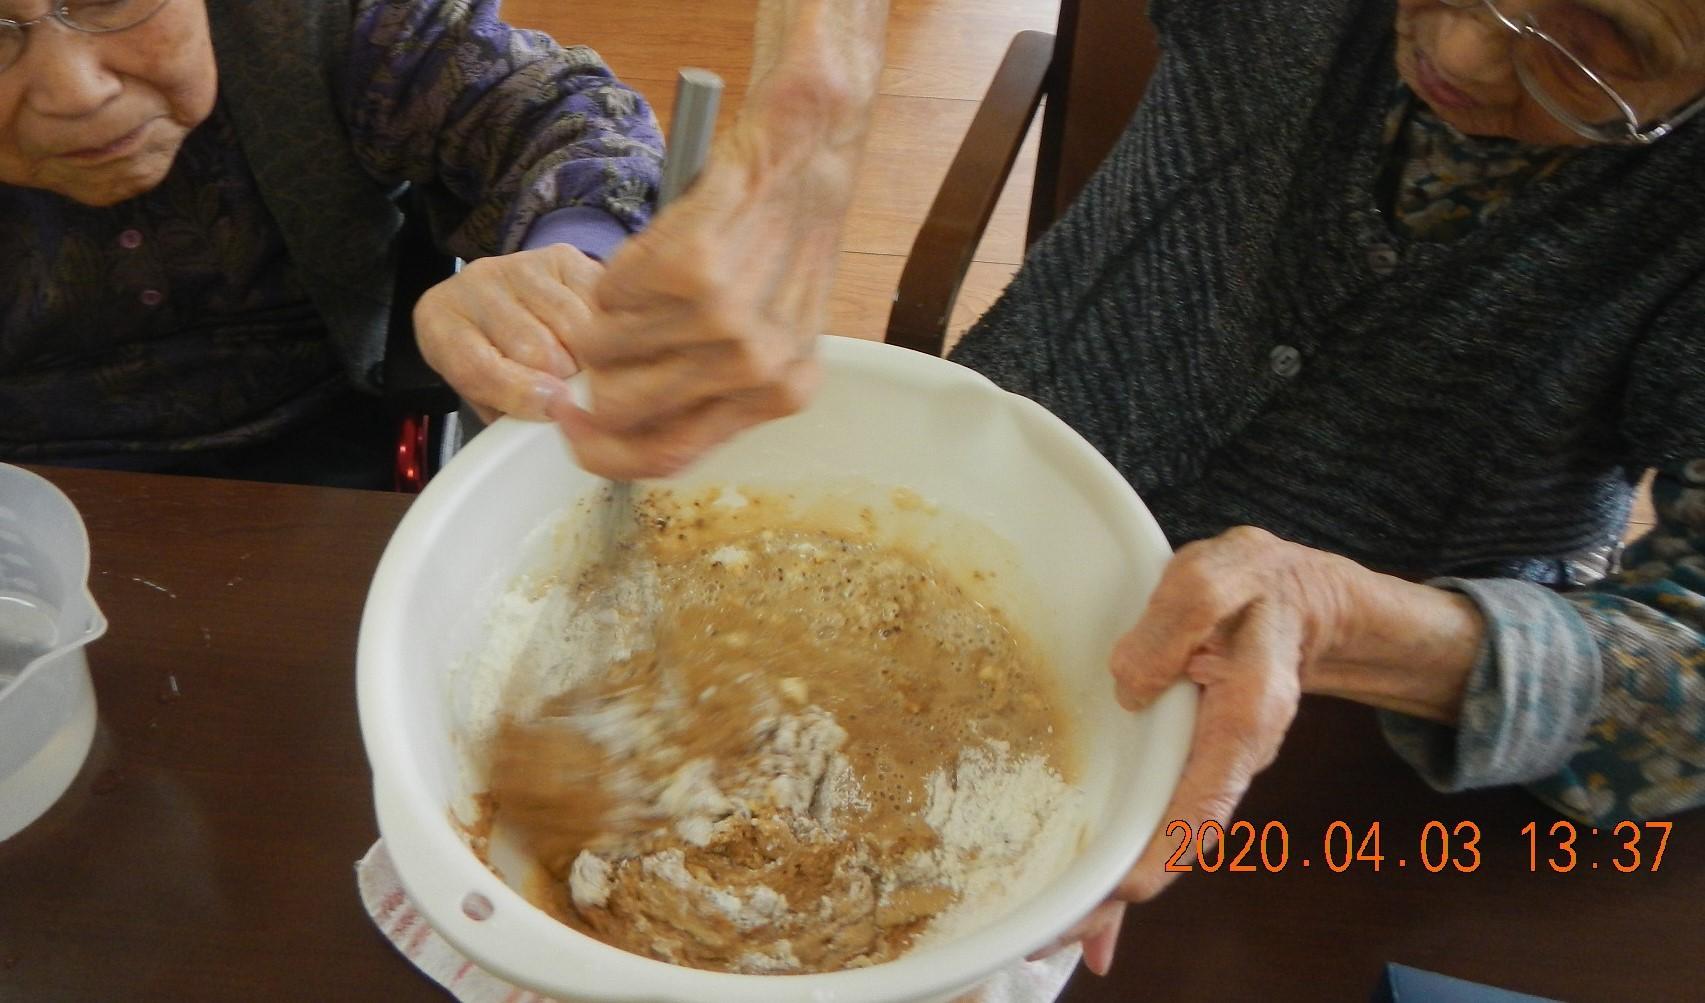 炊飯ジャーケーキ!_d0178056_17074475.jpg